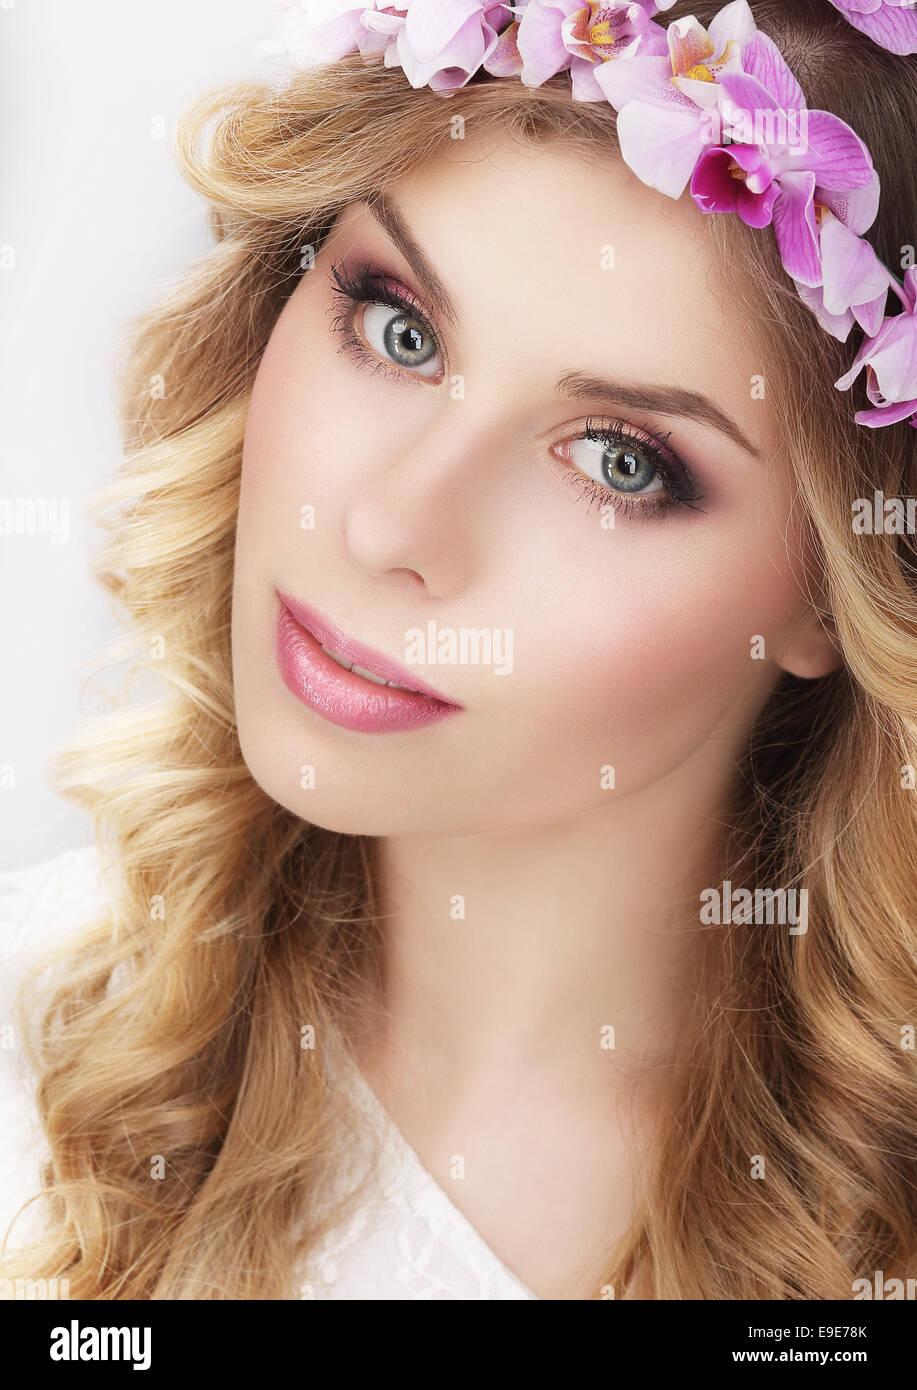 Encantadora chica en corona de flores Imagen De Stock